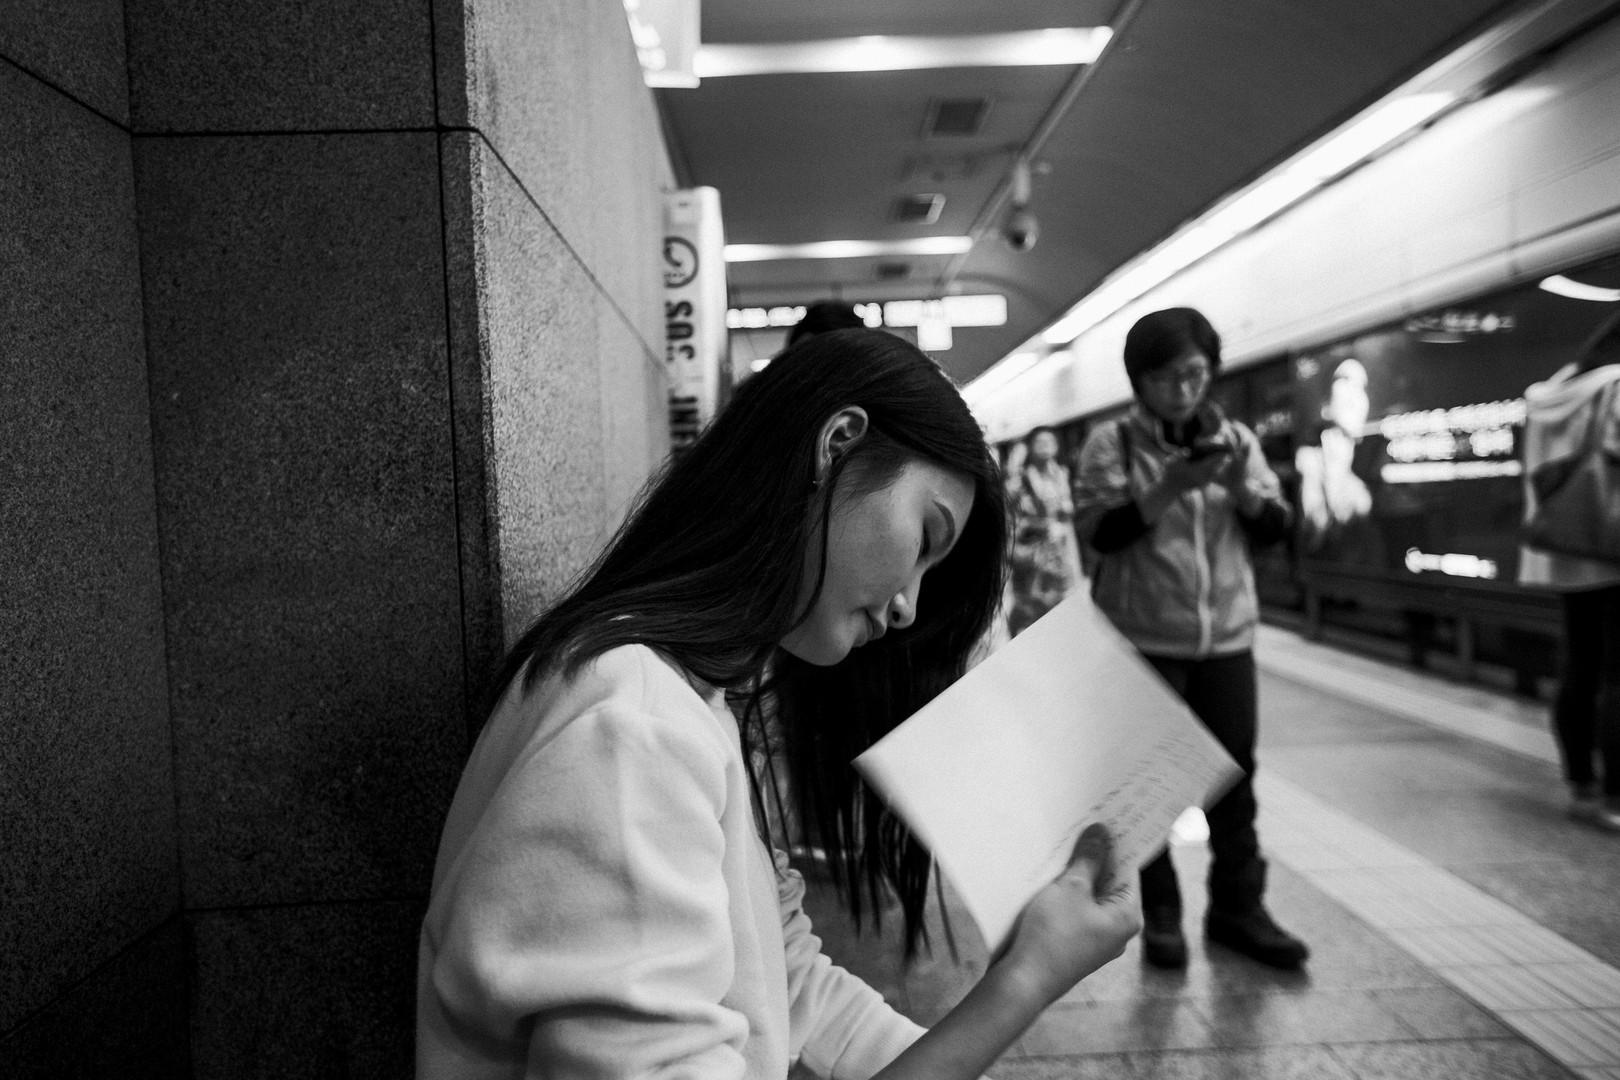 seoul people #15.jpg